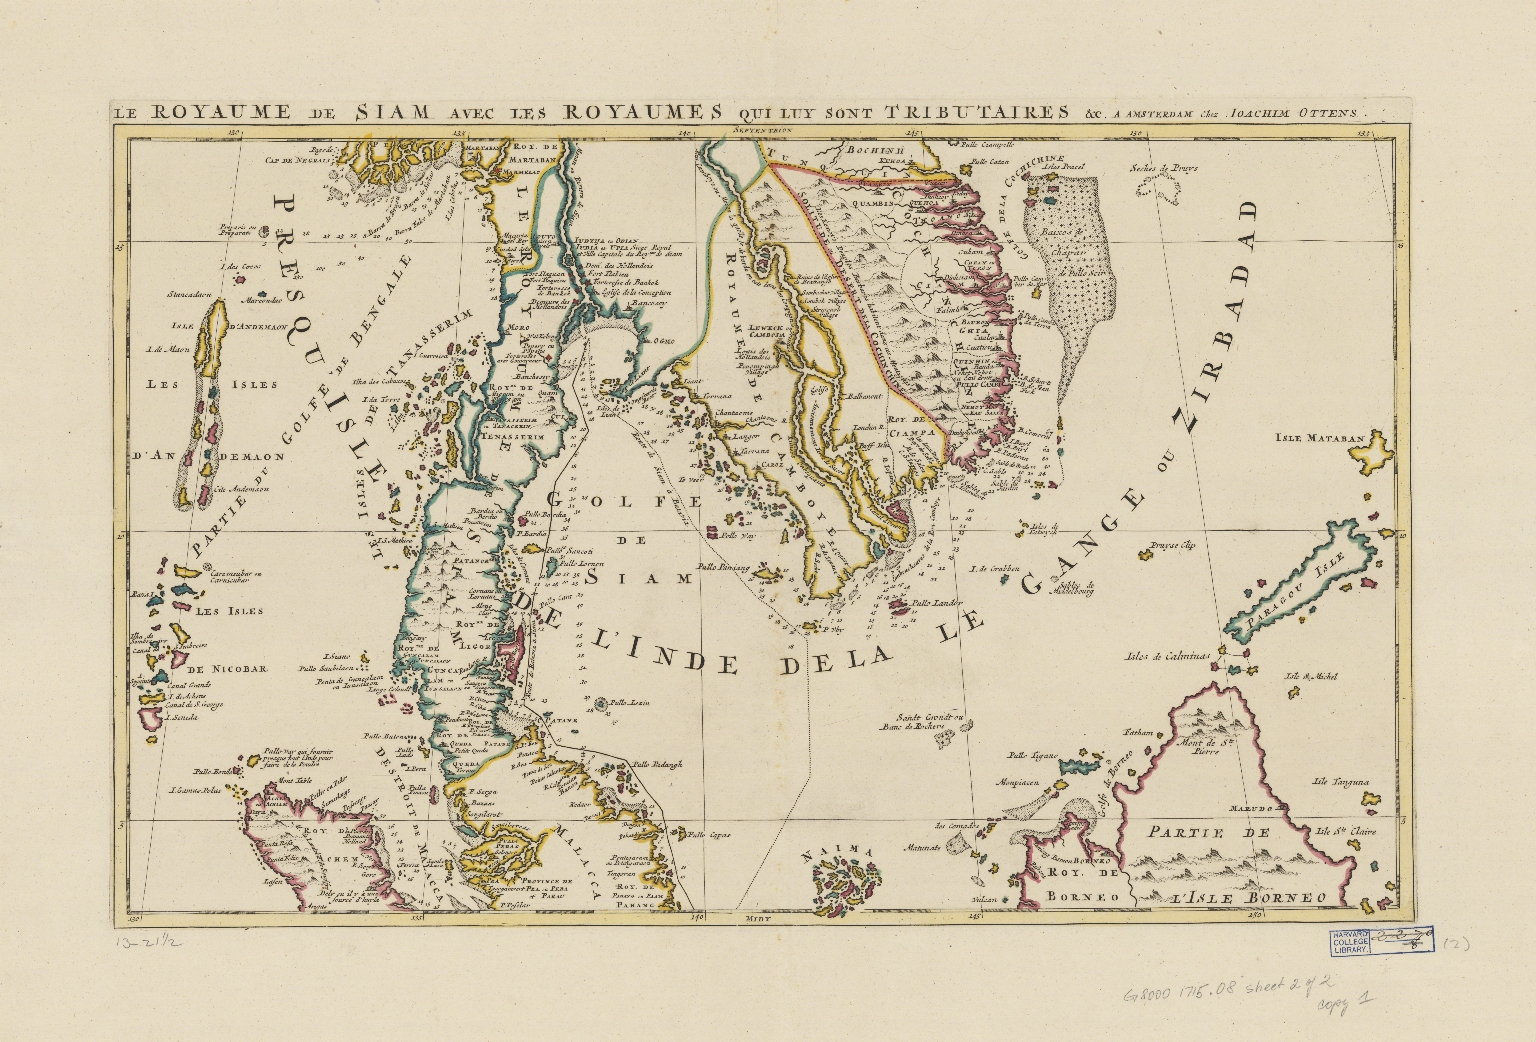 Le royaume de Siam, auec les royaumes qui luy sont tributaires, et les isles de Sumatra, Andemaon, etc., et les isles voisine : avec les observations des six Peres Jesuites envojez par le Roy en qualité de ses mathematiciens dans les Indes, et à la Chine ou est aussi tracée la route qu'ils ont tenüe par le Destroit de la Sonde jusqu'à Siam. Part 1